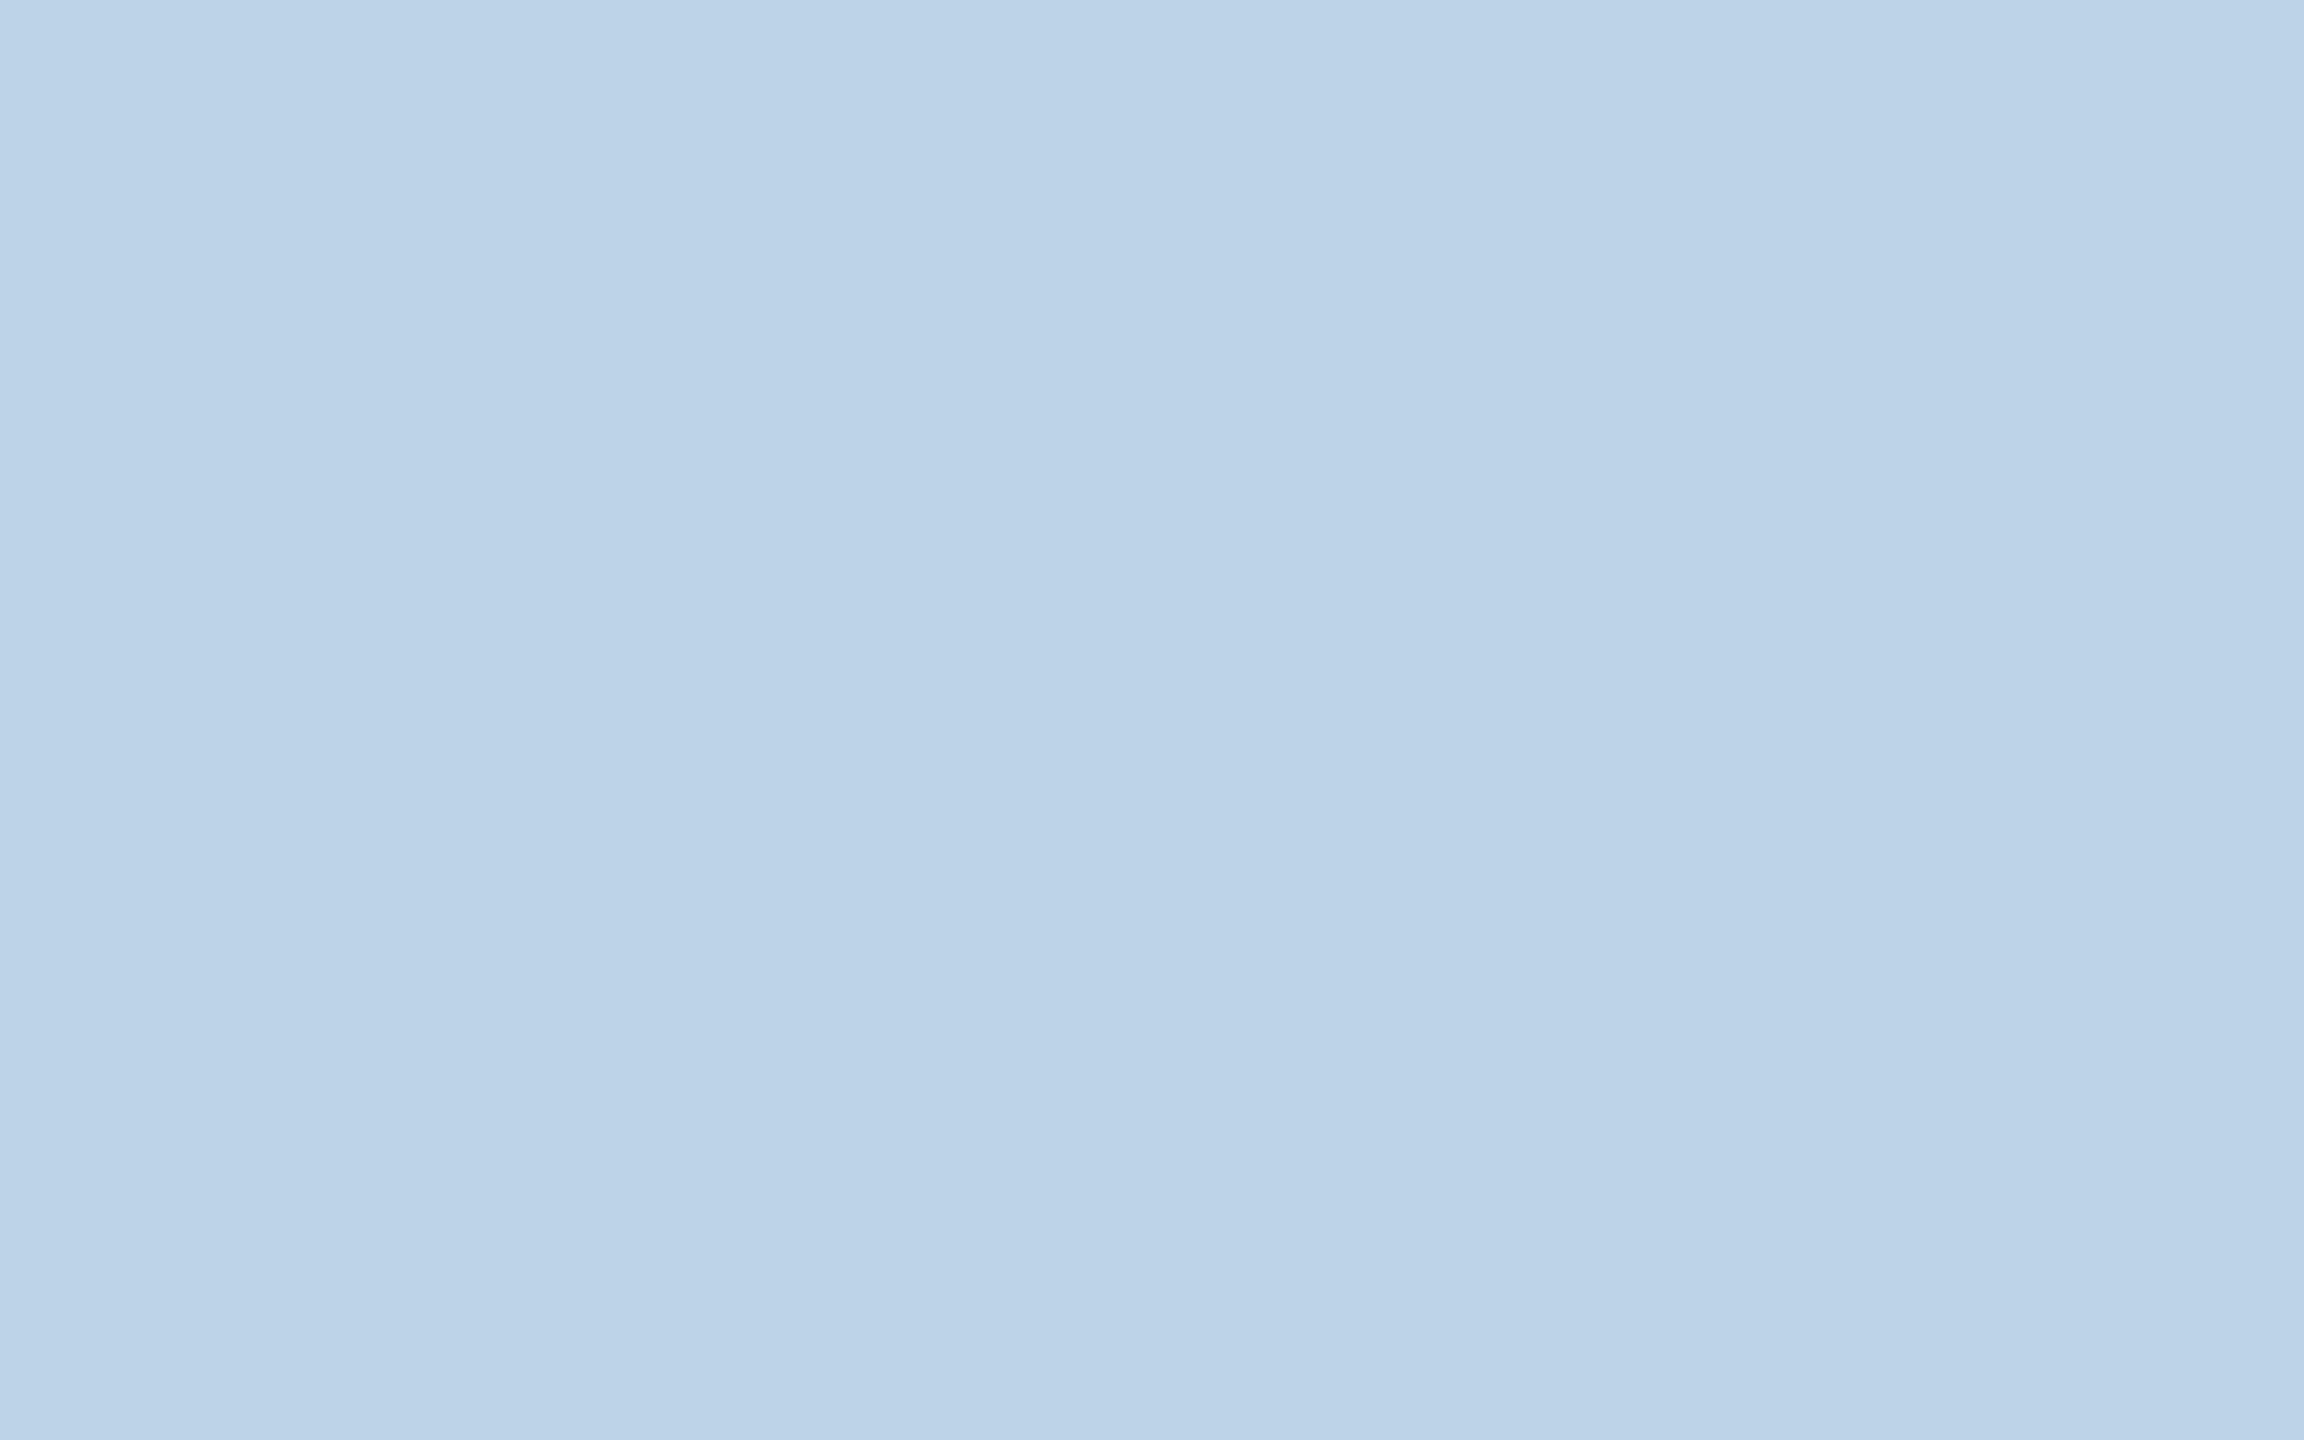 2304x1440 Pale Aqua Solid Color Background